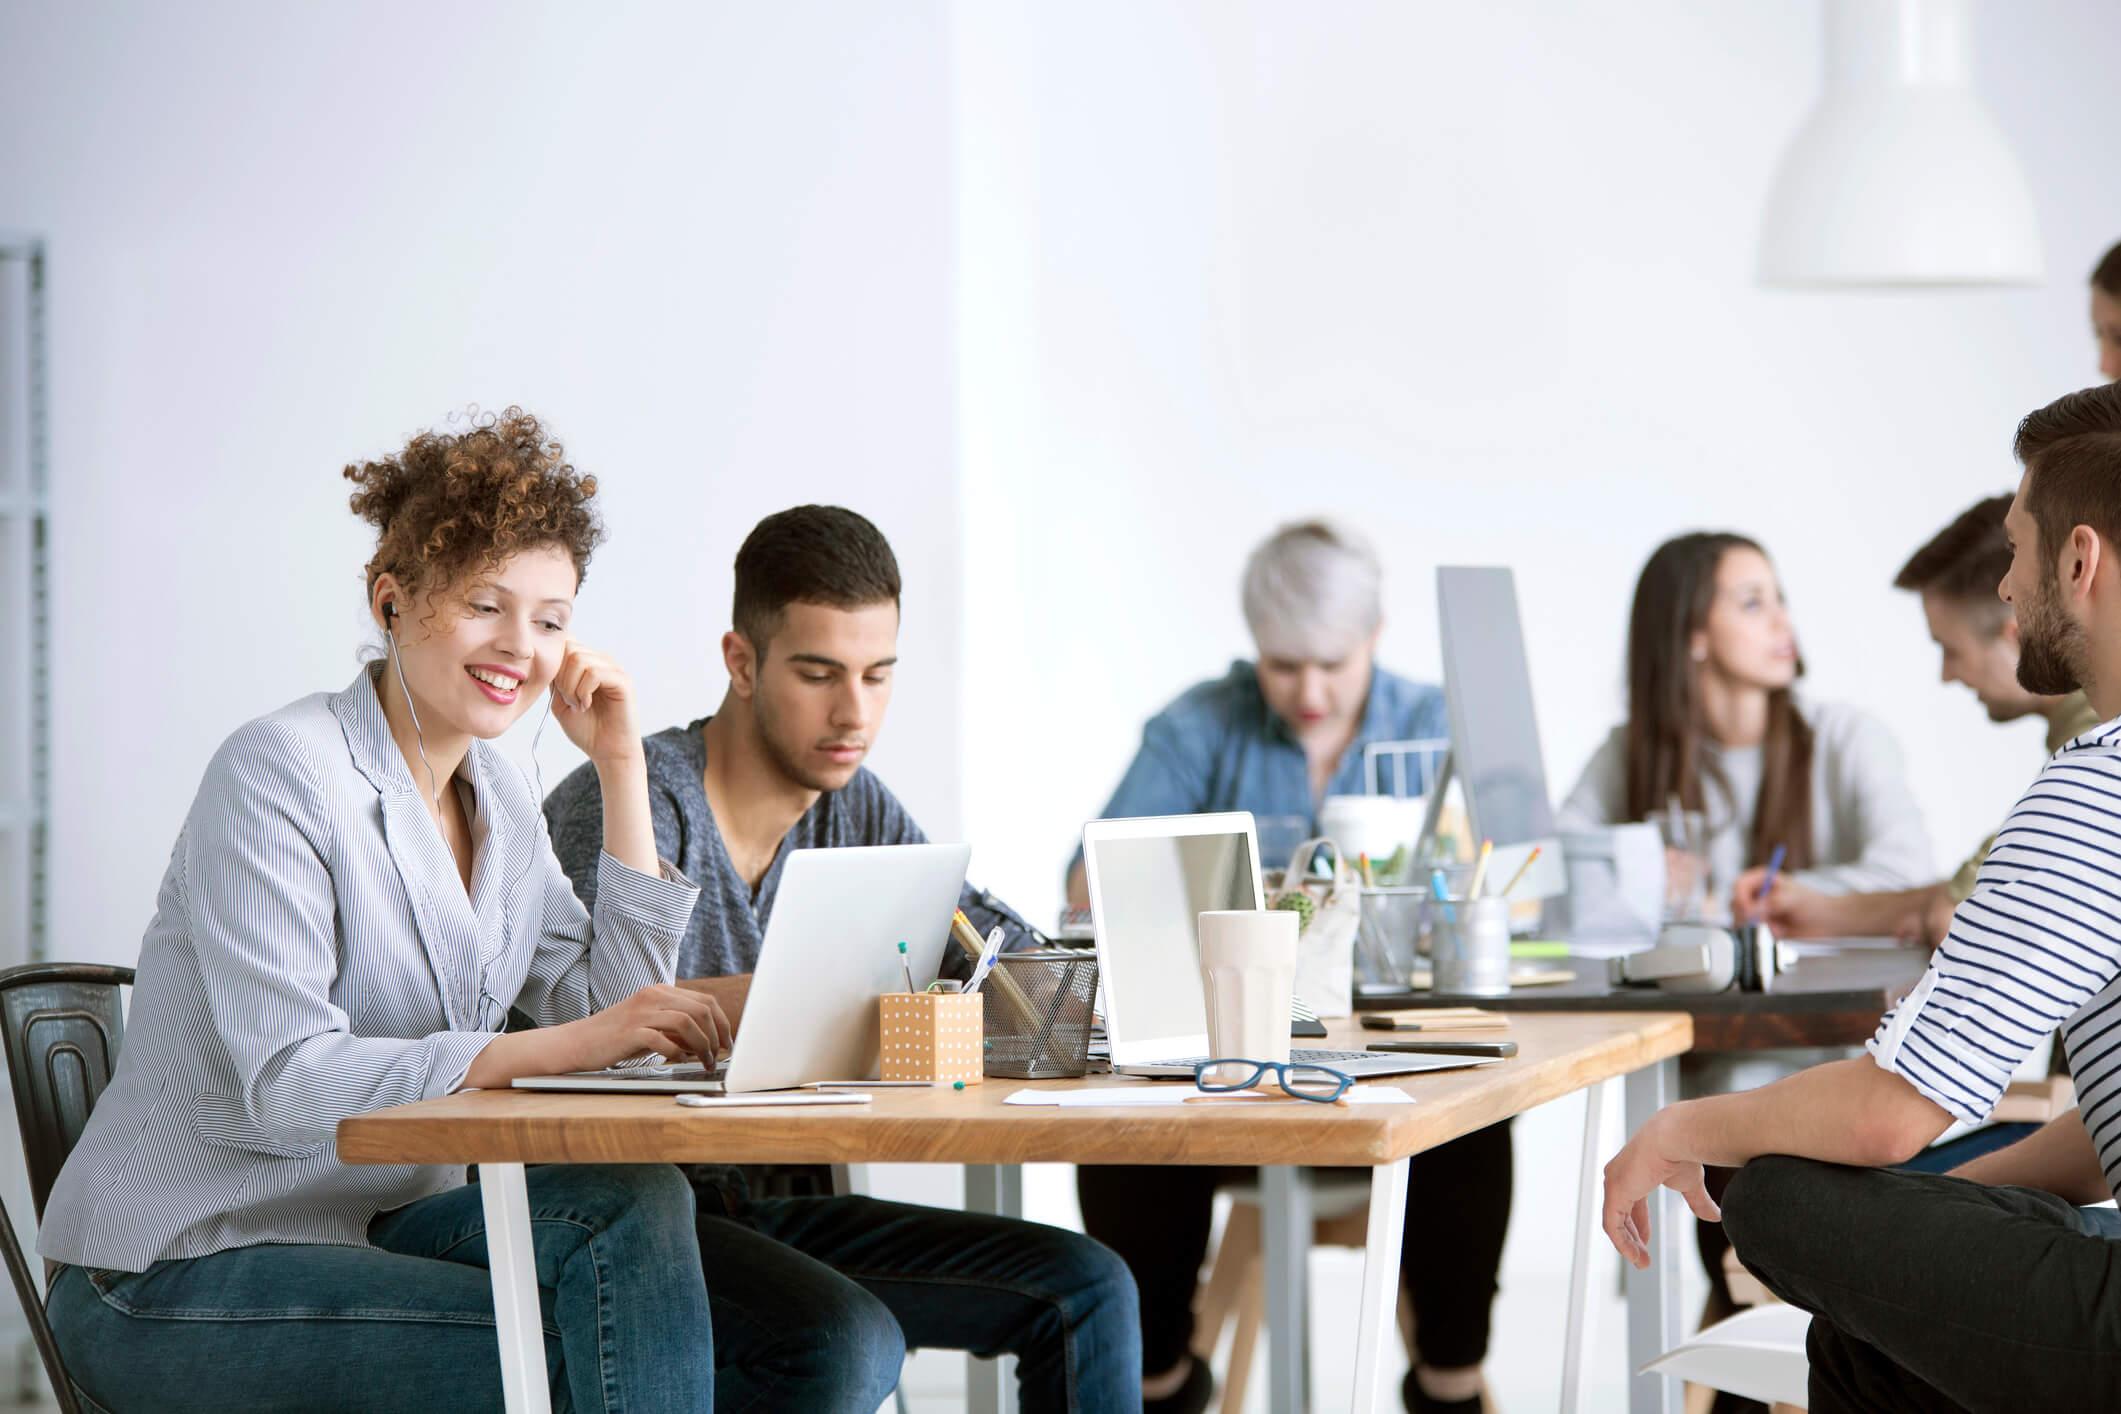 Como divulgar minha empresa na internet com eficiência? Confira 4 dicas